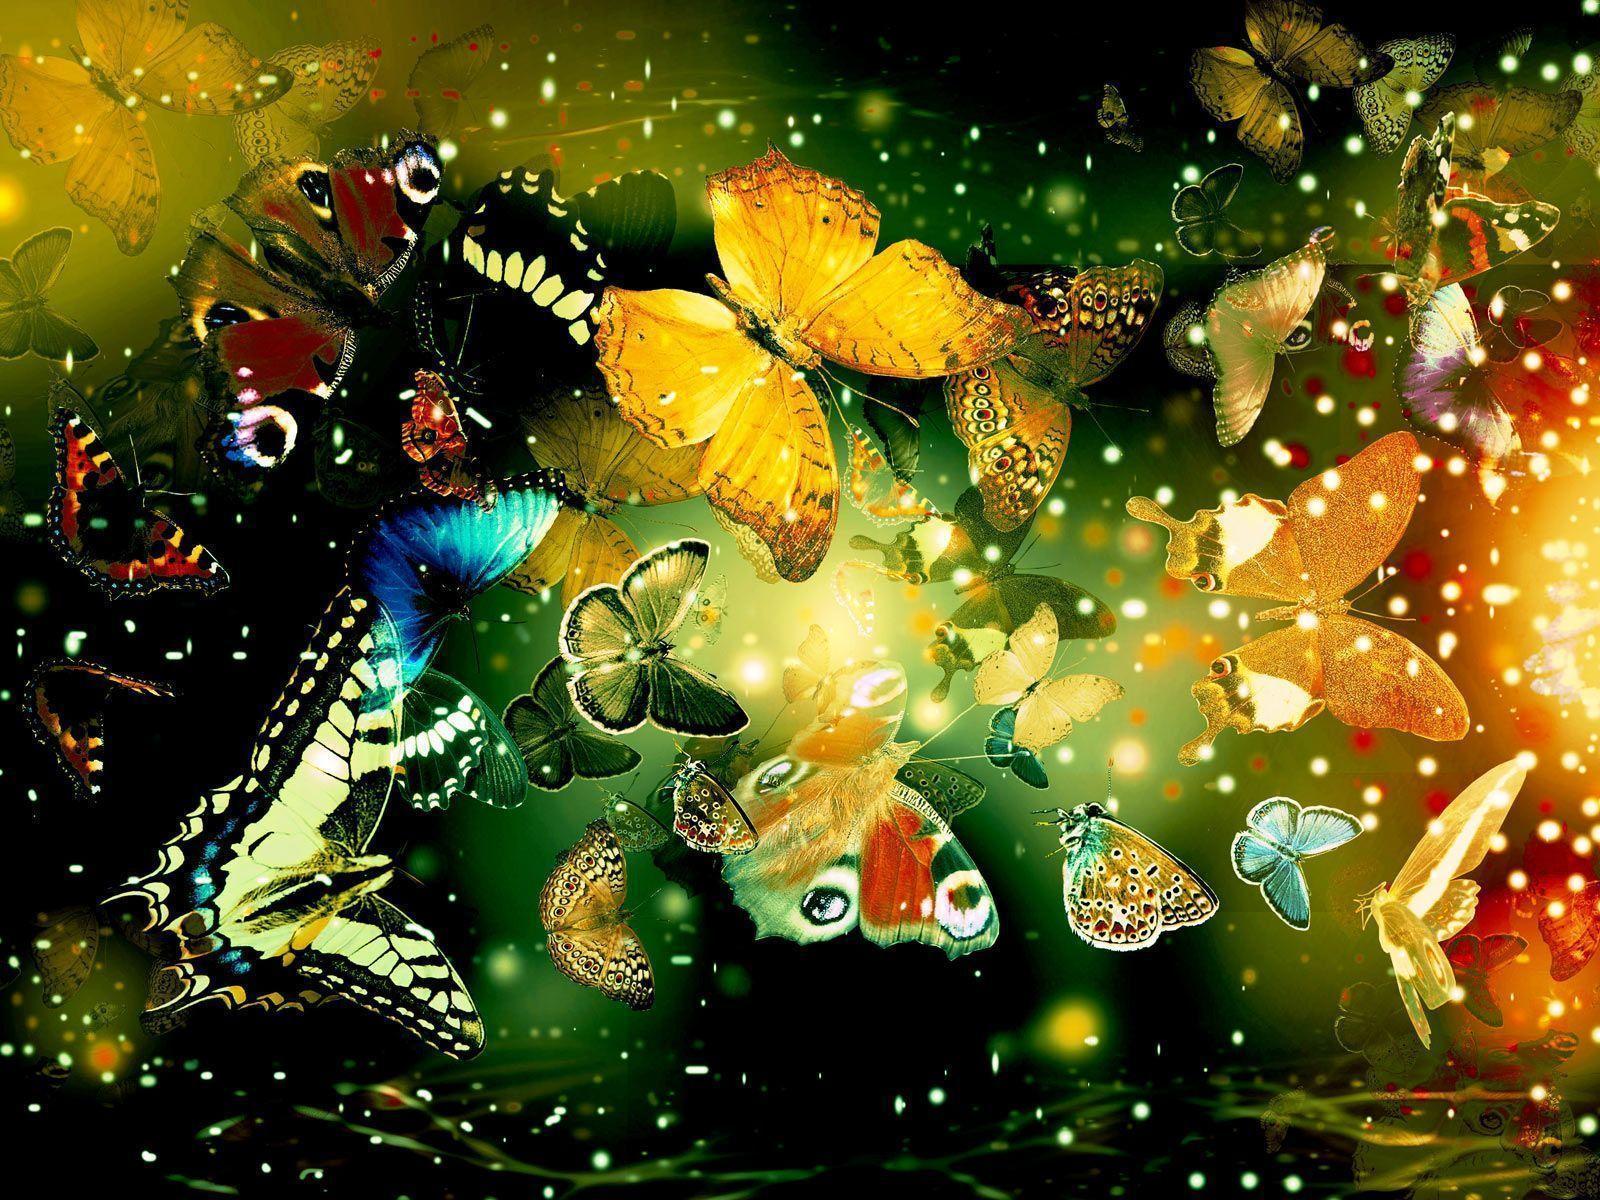 Butterflies Hd Wallpapers | Wallpapers Top 10